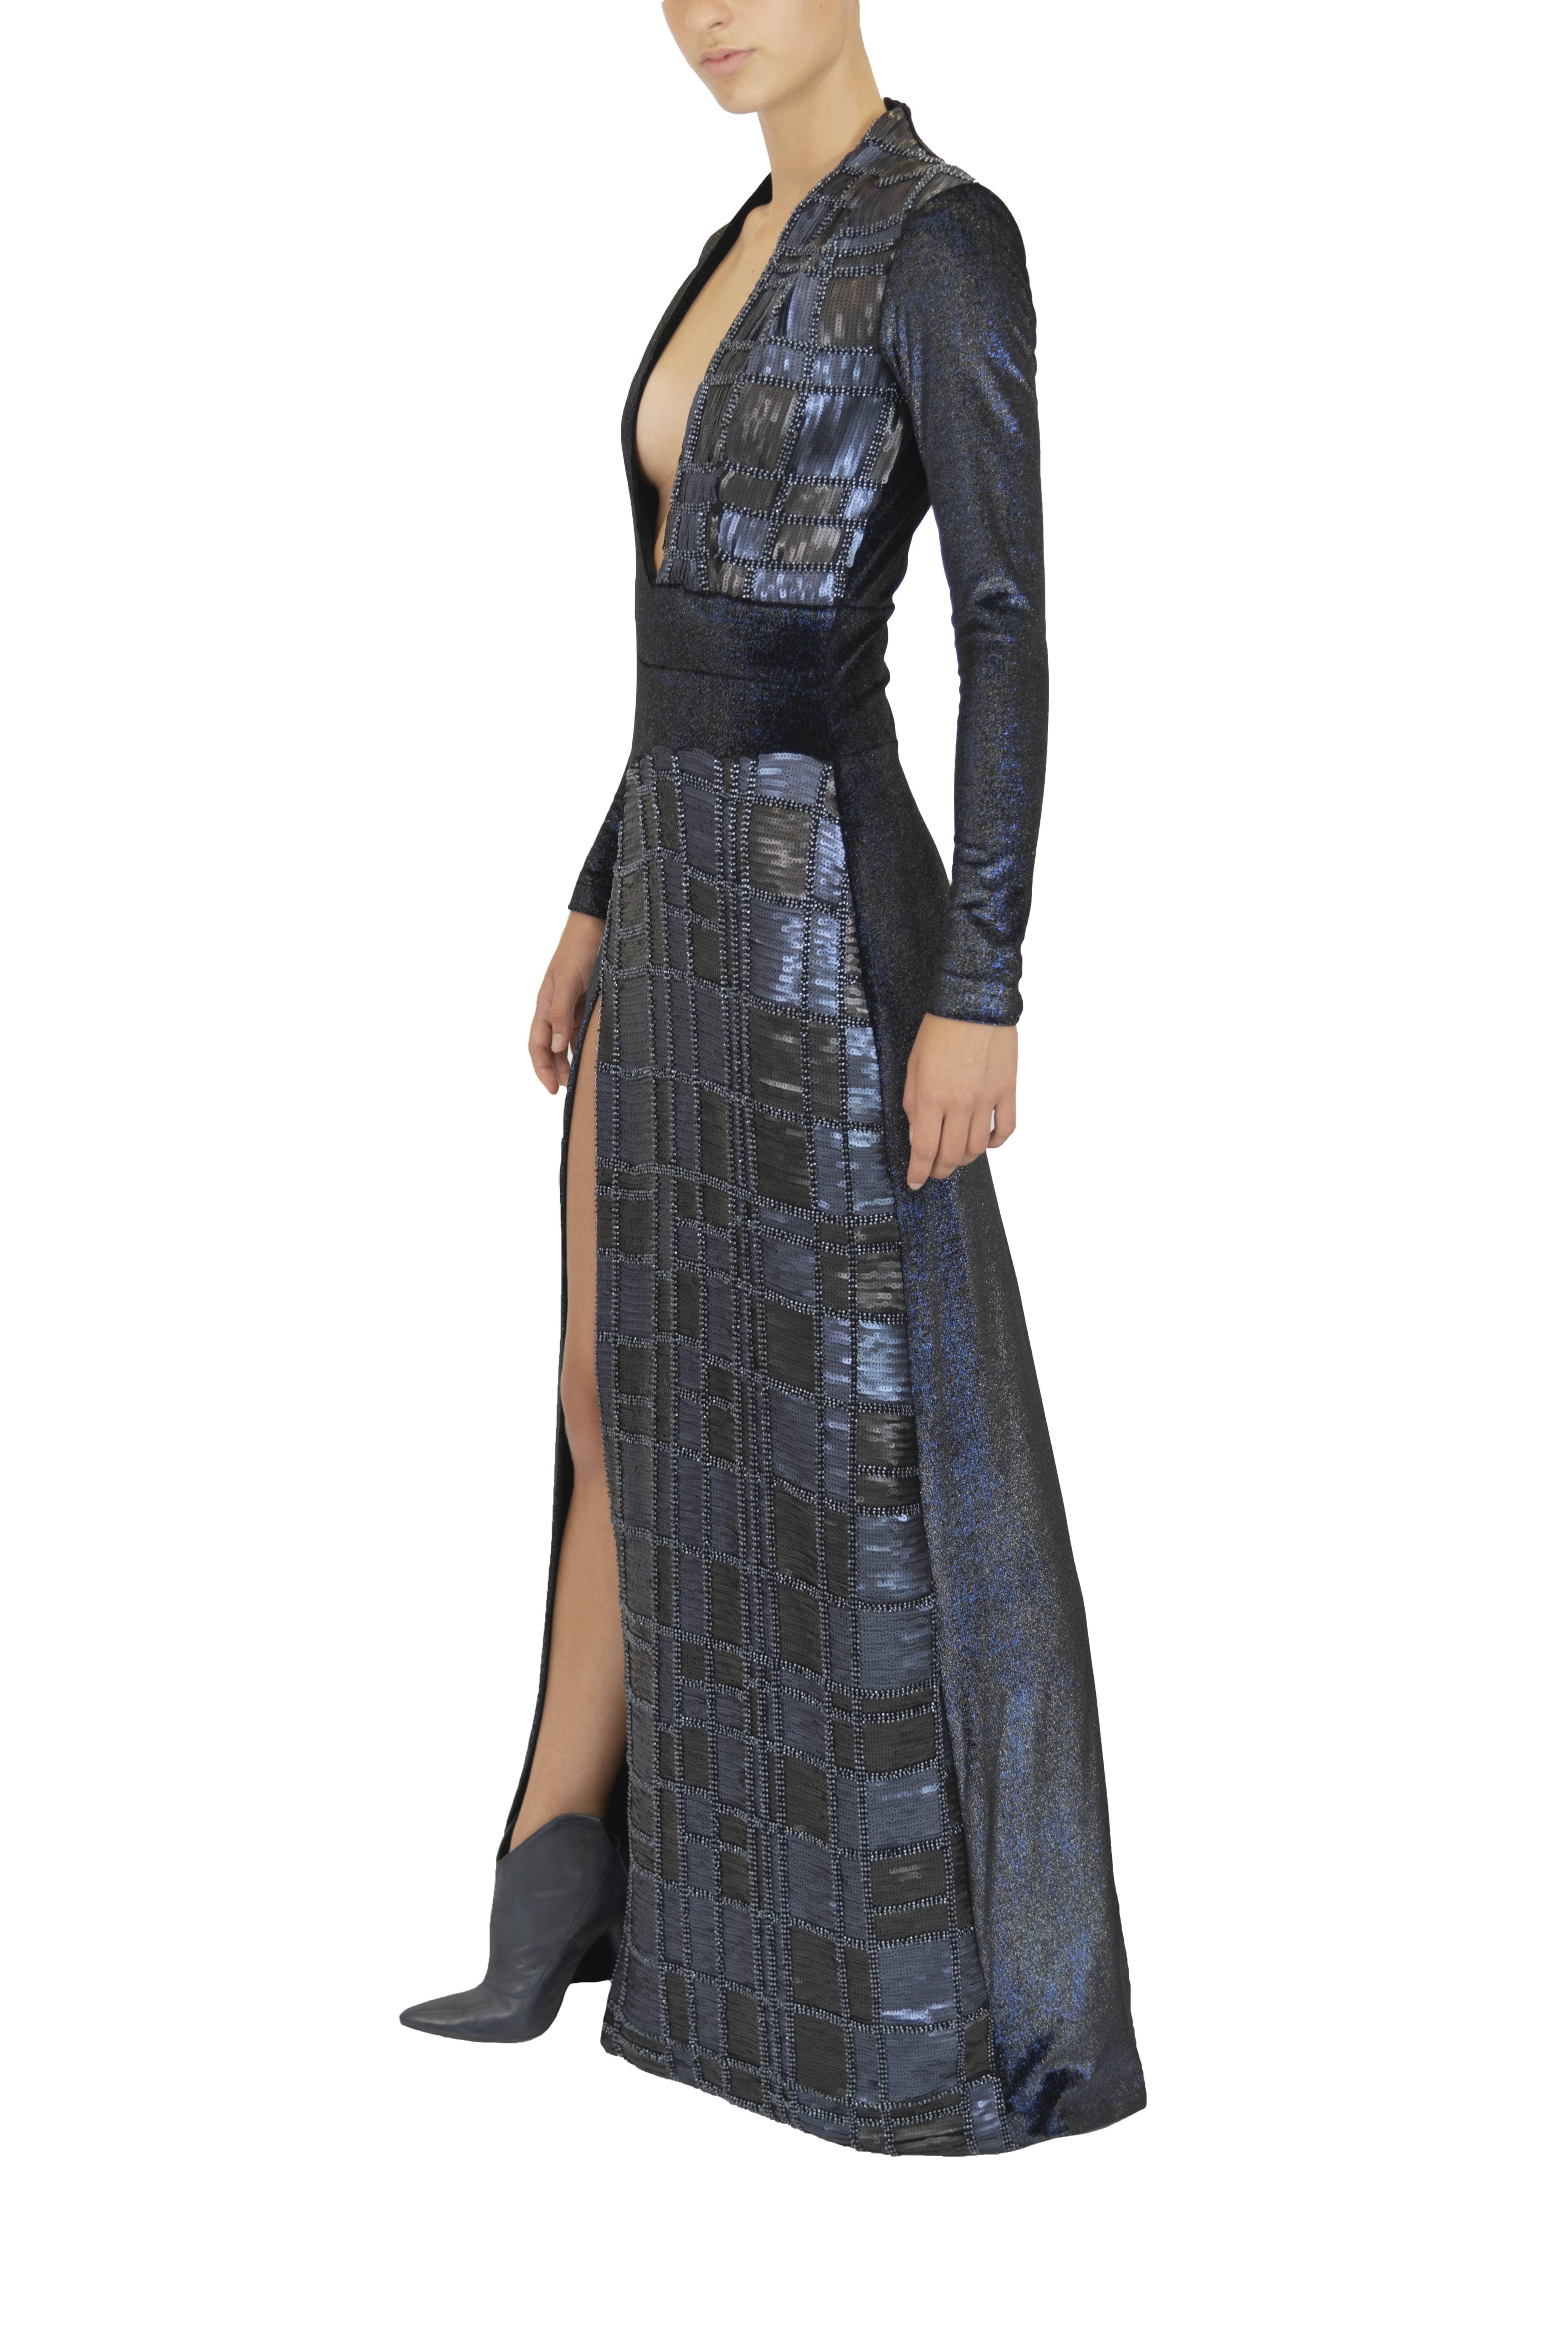 Vestido FUKUOKA 2